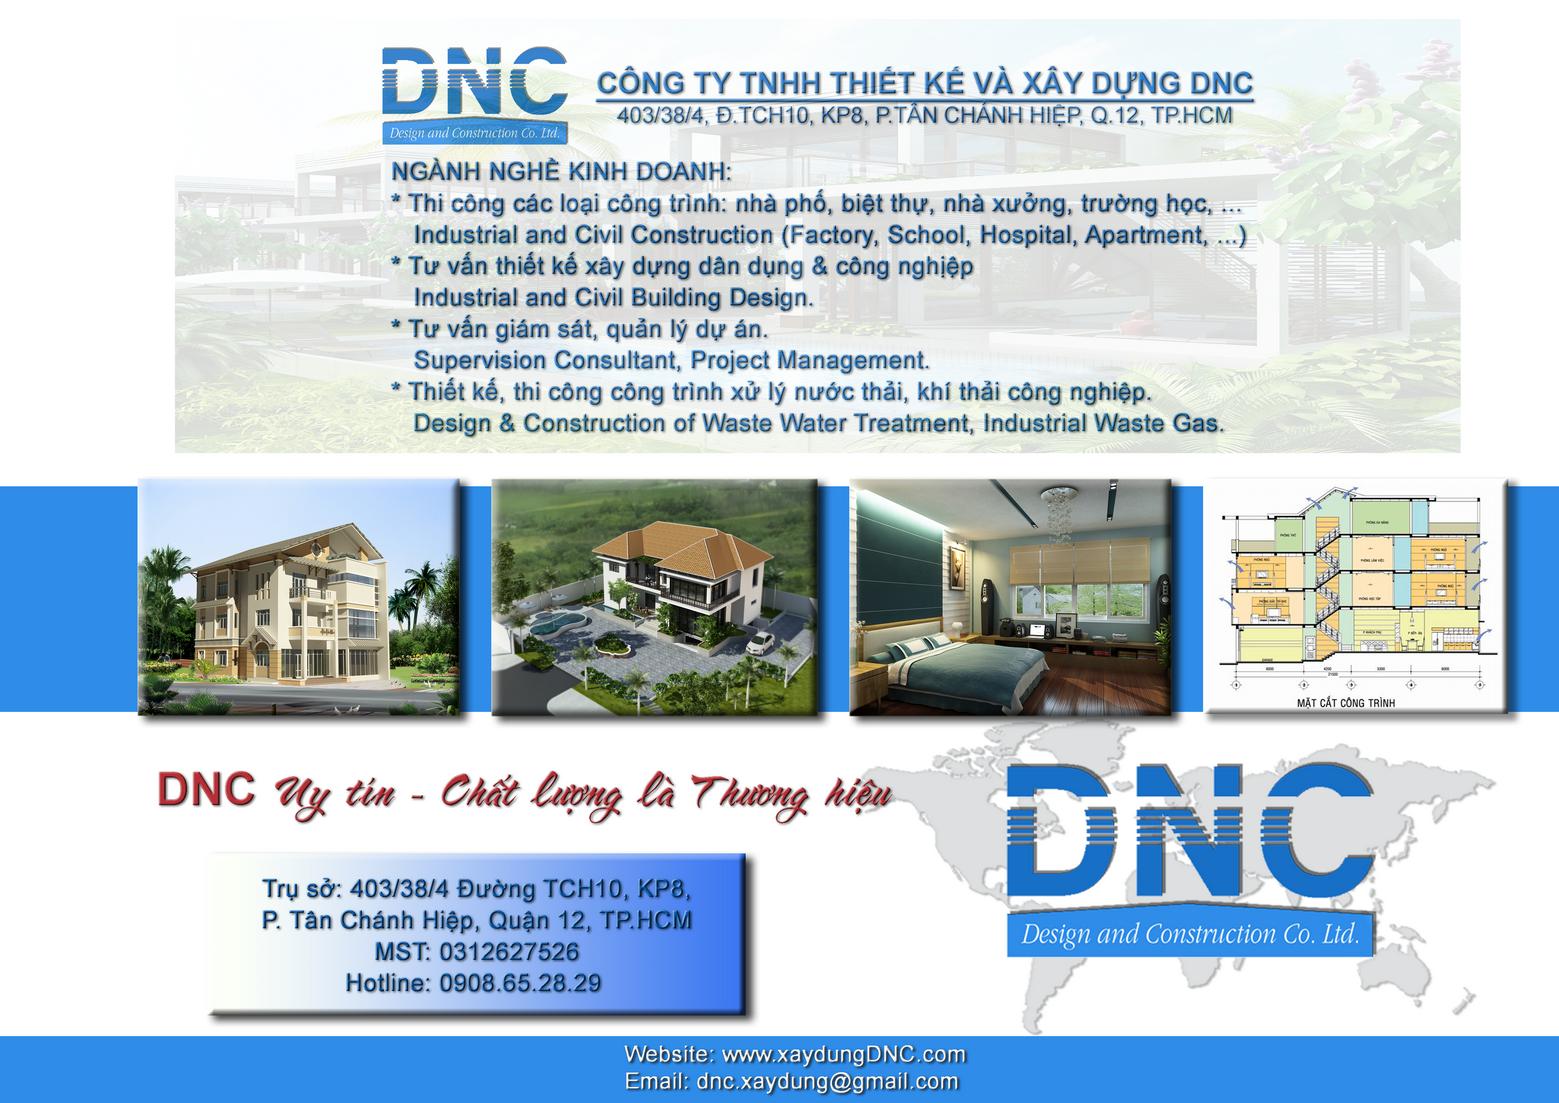 Xây Dựng Cải Tạo Nhà Ở Nhà Kho DNC